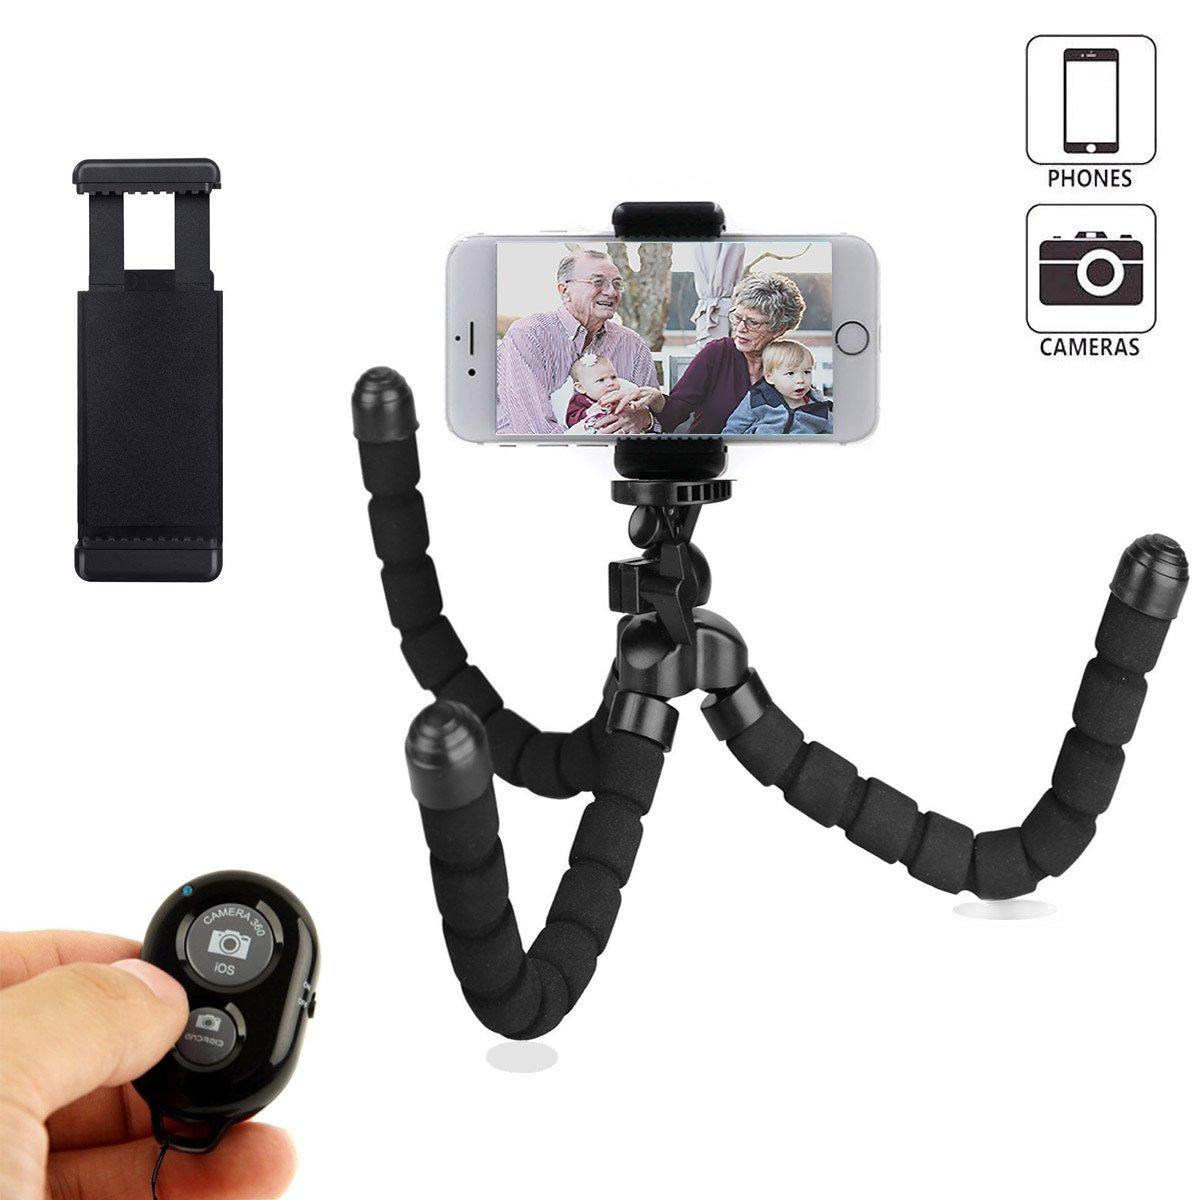 Mini trípode de teléfono flexible y portátil con control remoto inalámbrico Bluetooth